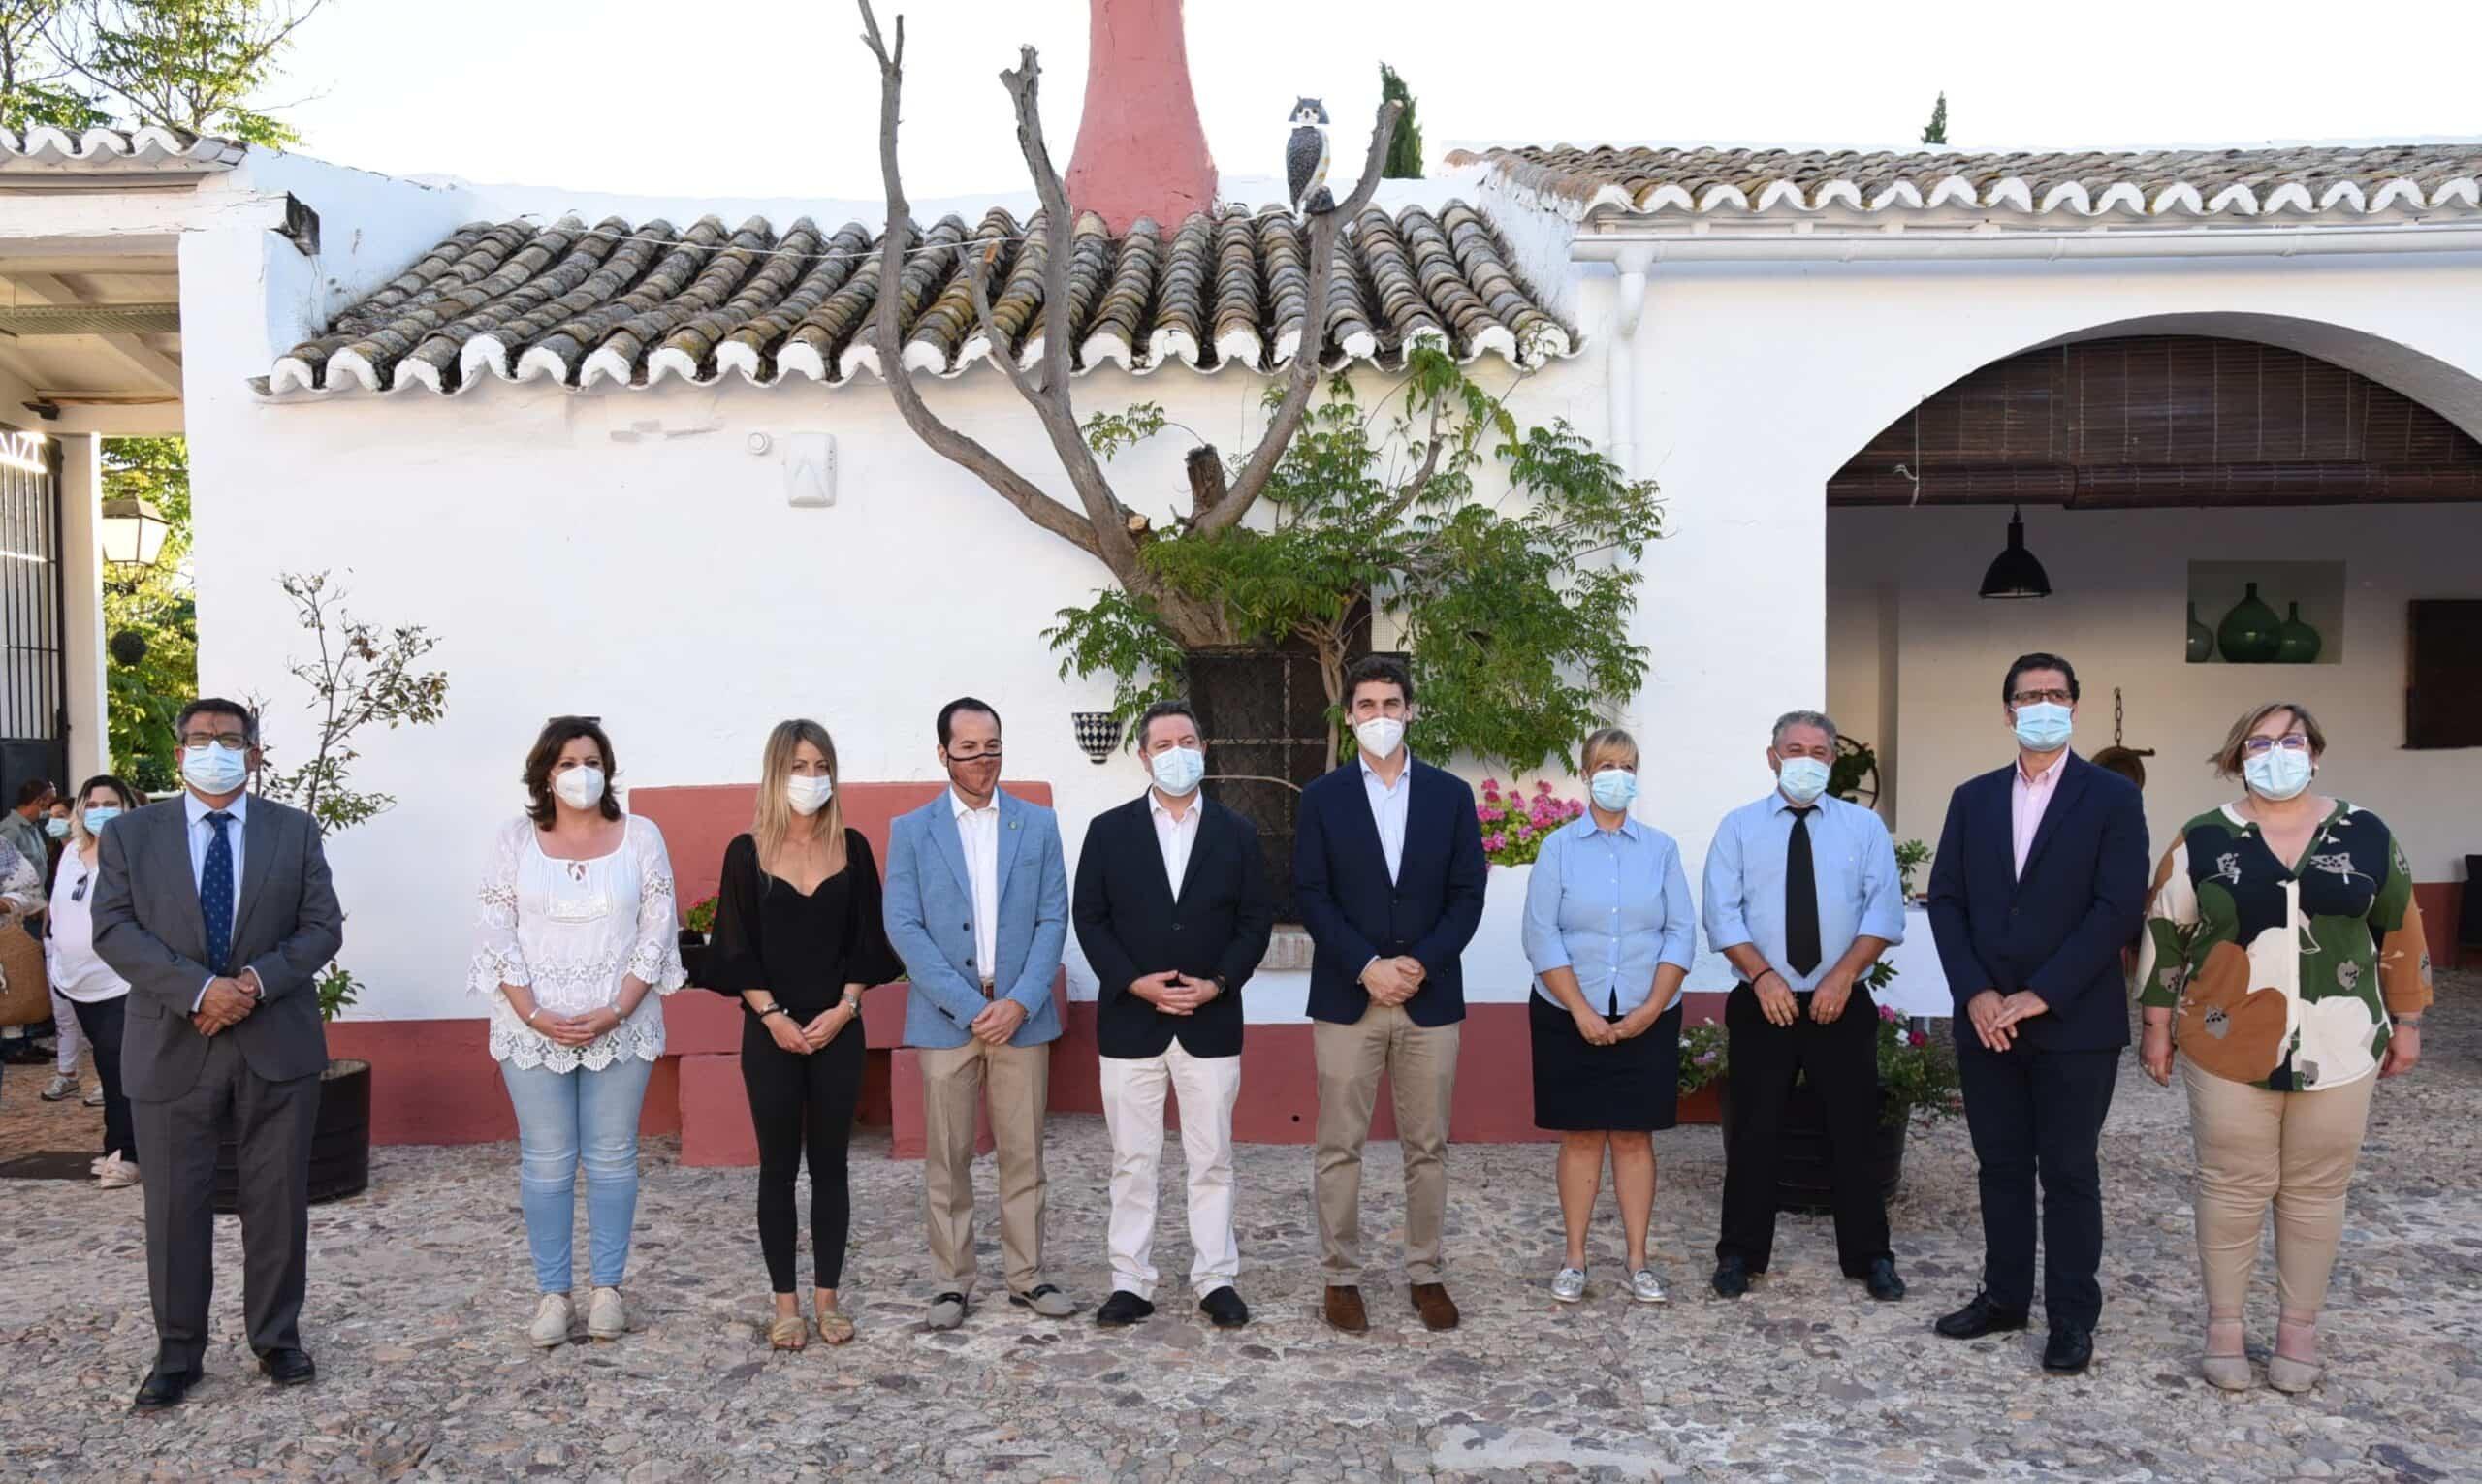 visita el complejo rural cortijo sierra de la solana 1878 50017237002 o scaled - La nueva iluminación artística de los Molinos de Herencia incentivan su atractivo turístico